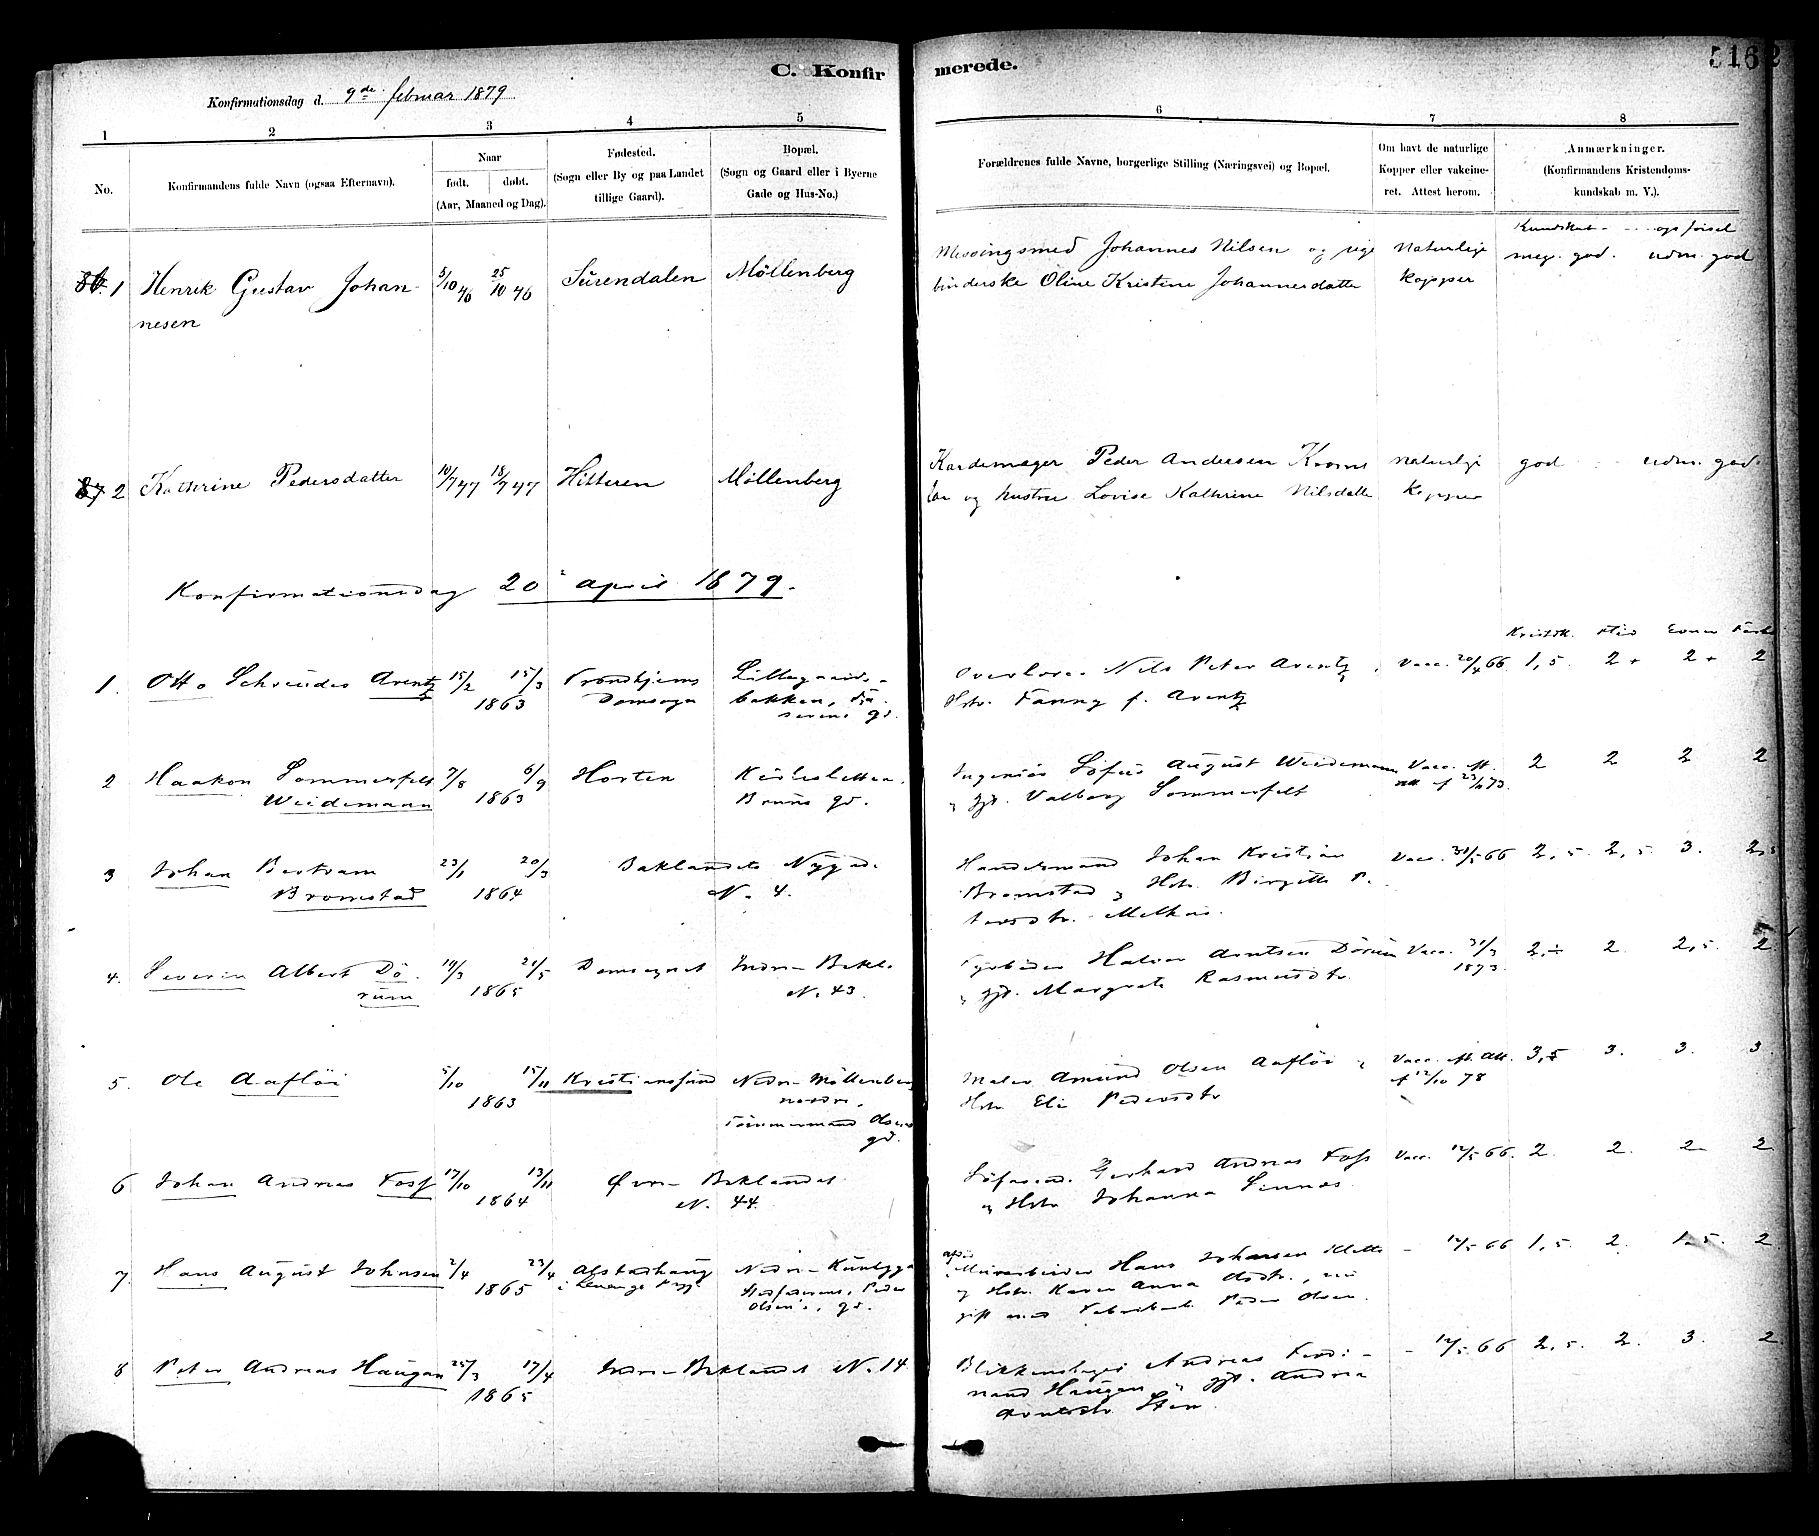 SAT, Ministerialprotokoller, klokkerbøker og fødselsregistre - Sør-Trøndelag, 604/L0188: Ministerialbok nr. 604A09, 1878-1892, s. 516